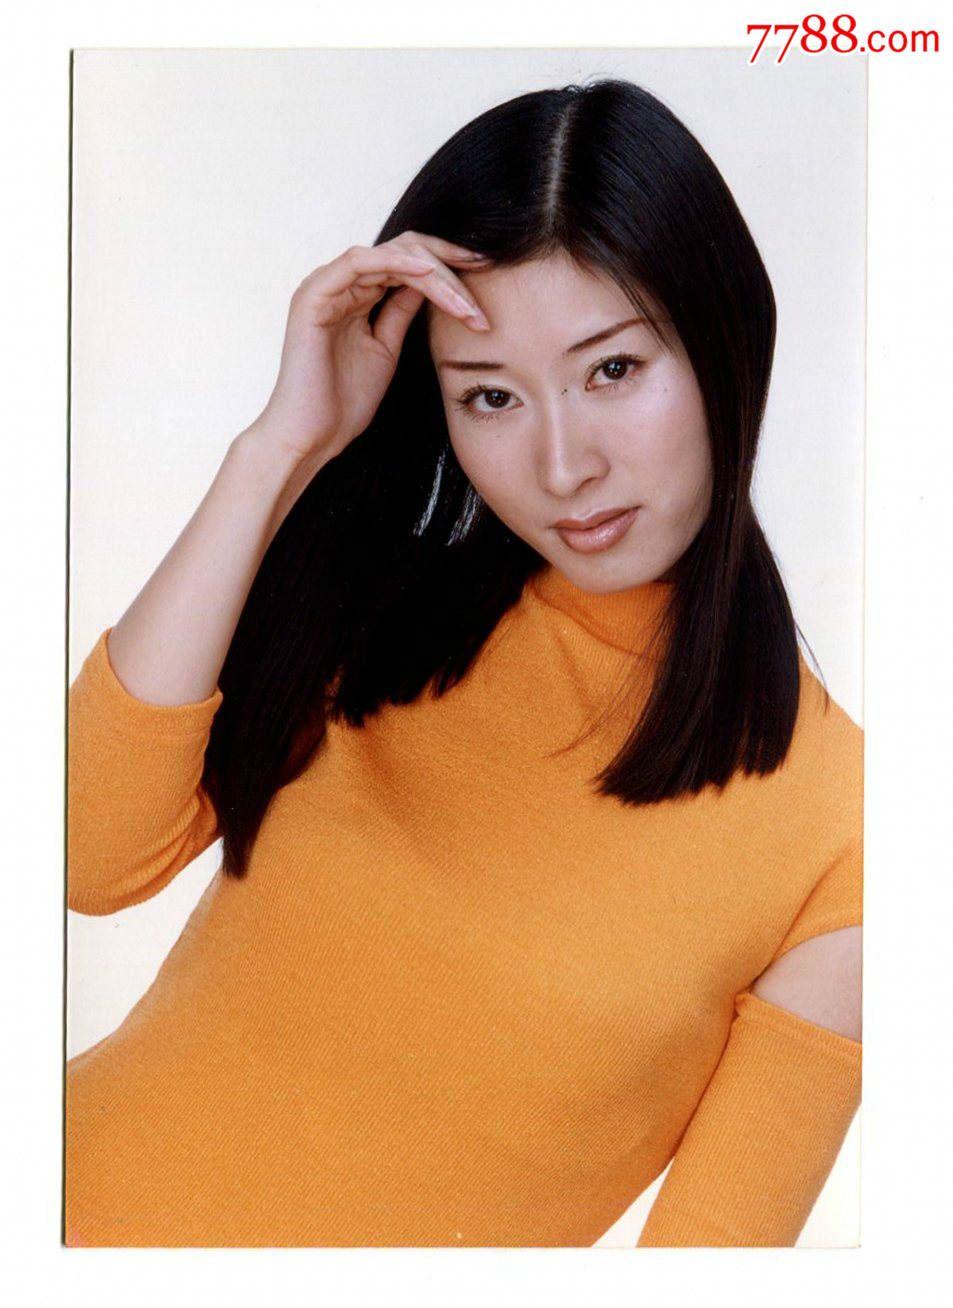 【明星照片】著名美女主持人-李霞-影楼写真-原照一套